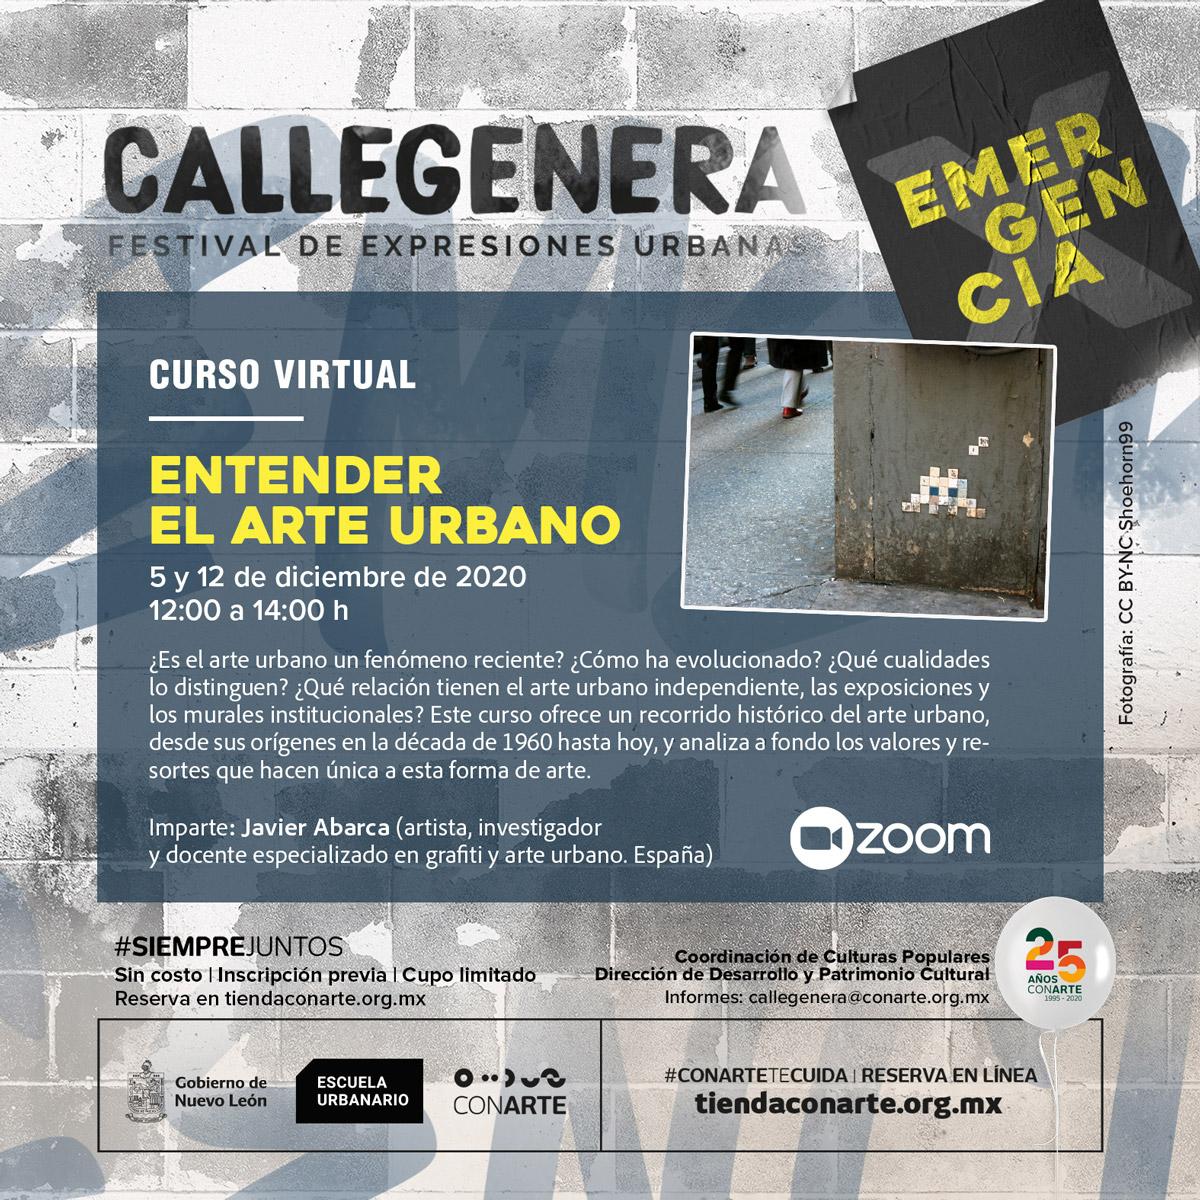 Callegenera-2020-Curso-Entender-el-arte-urbano-Javier-Abarca